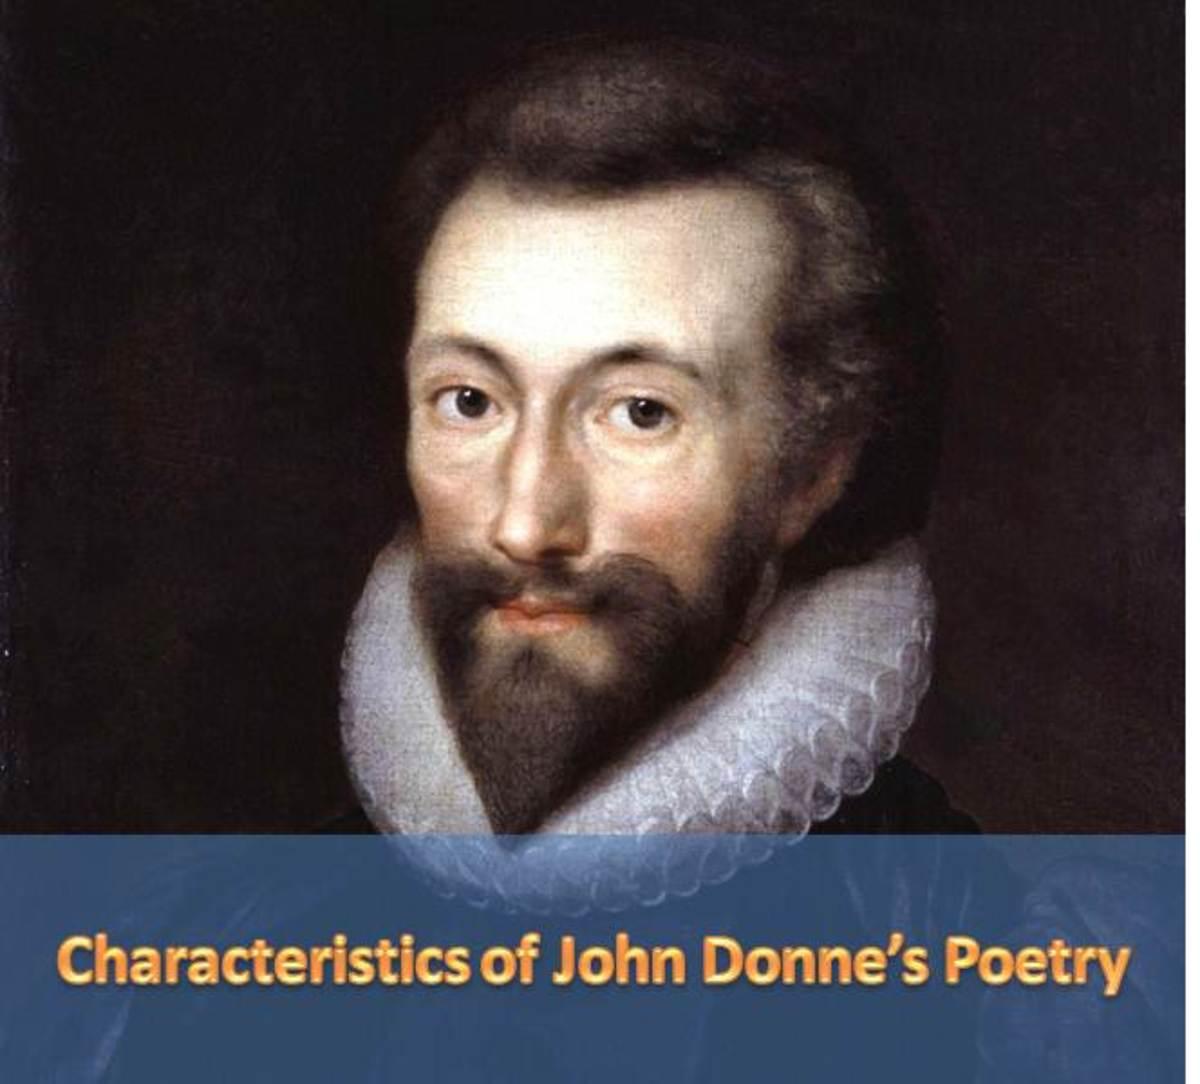 John Donne as a Poet